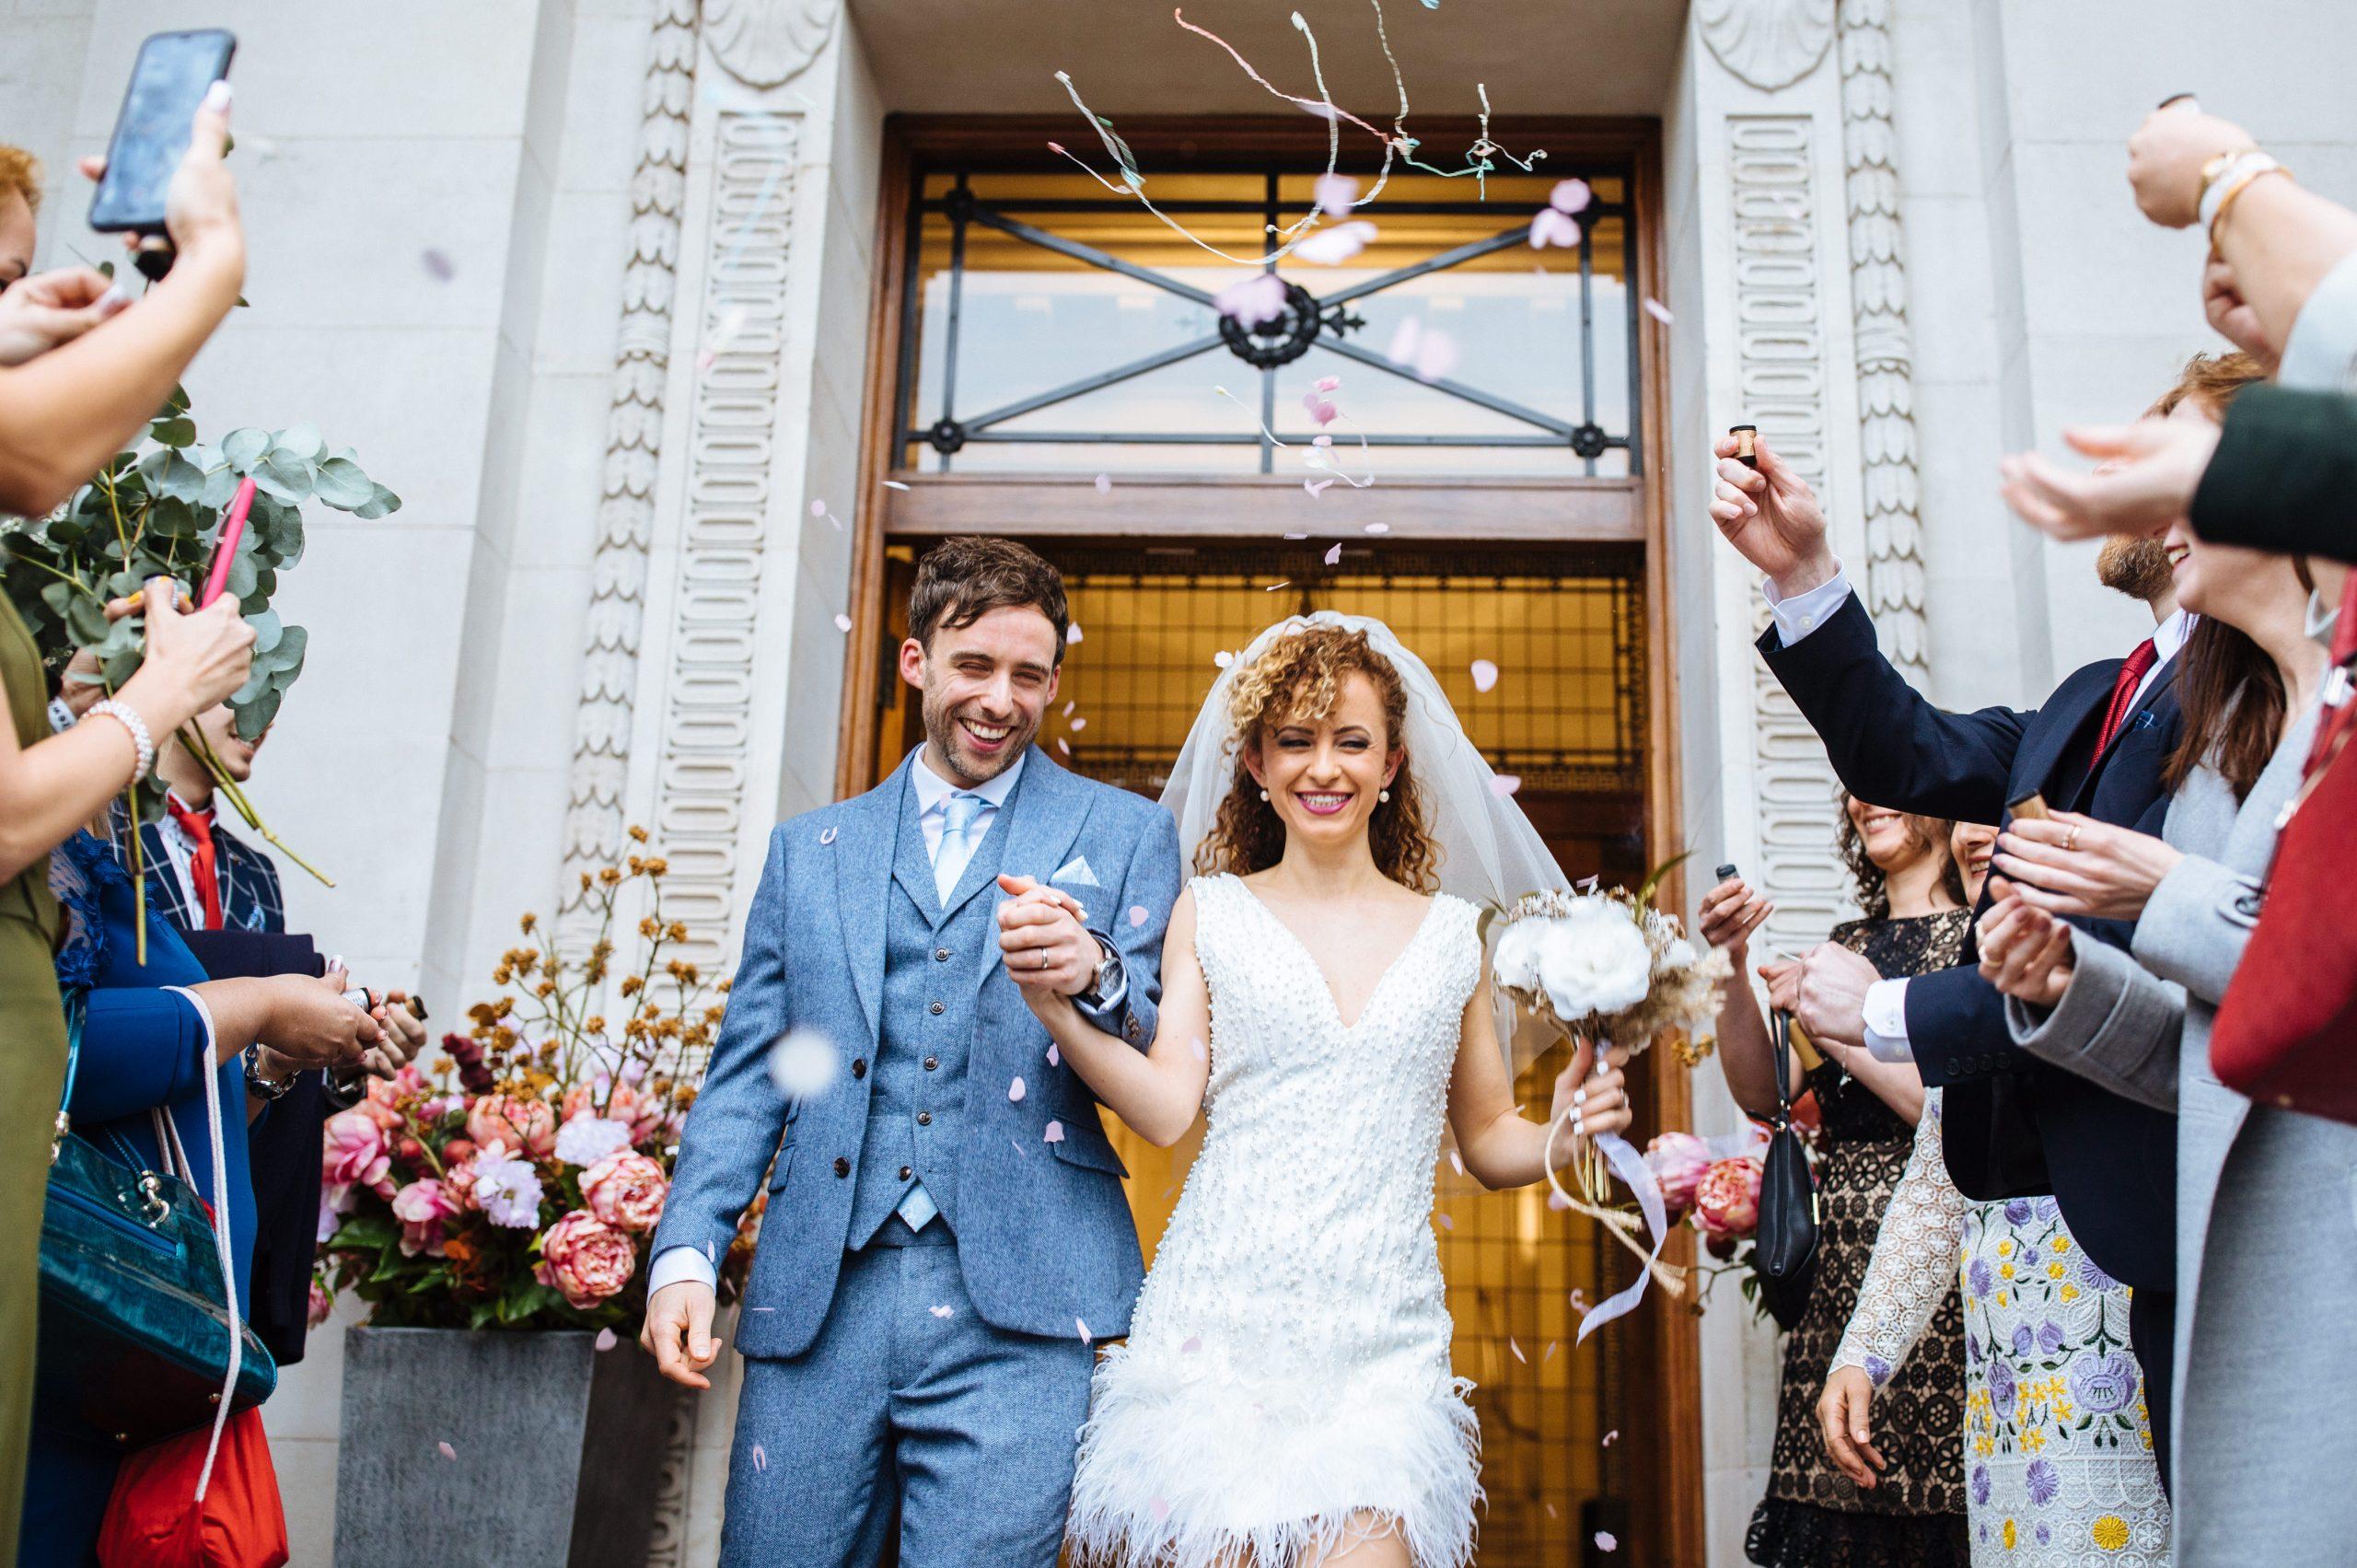 wedding confetti at Marylebone town hall London